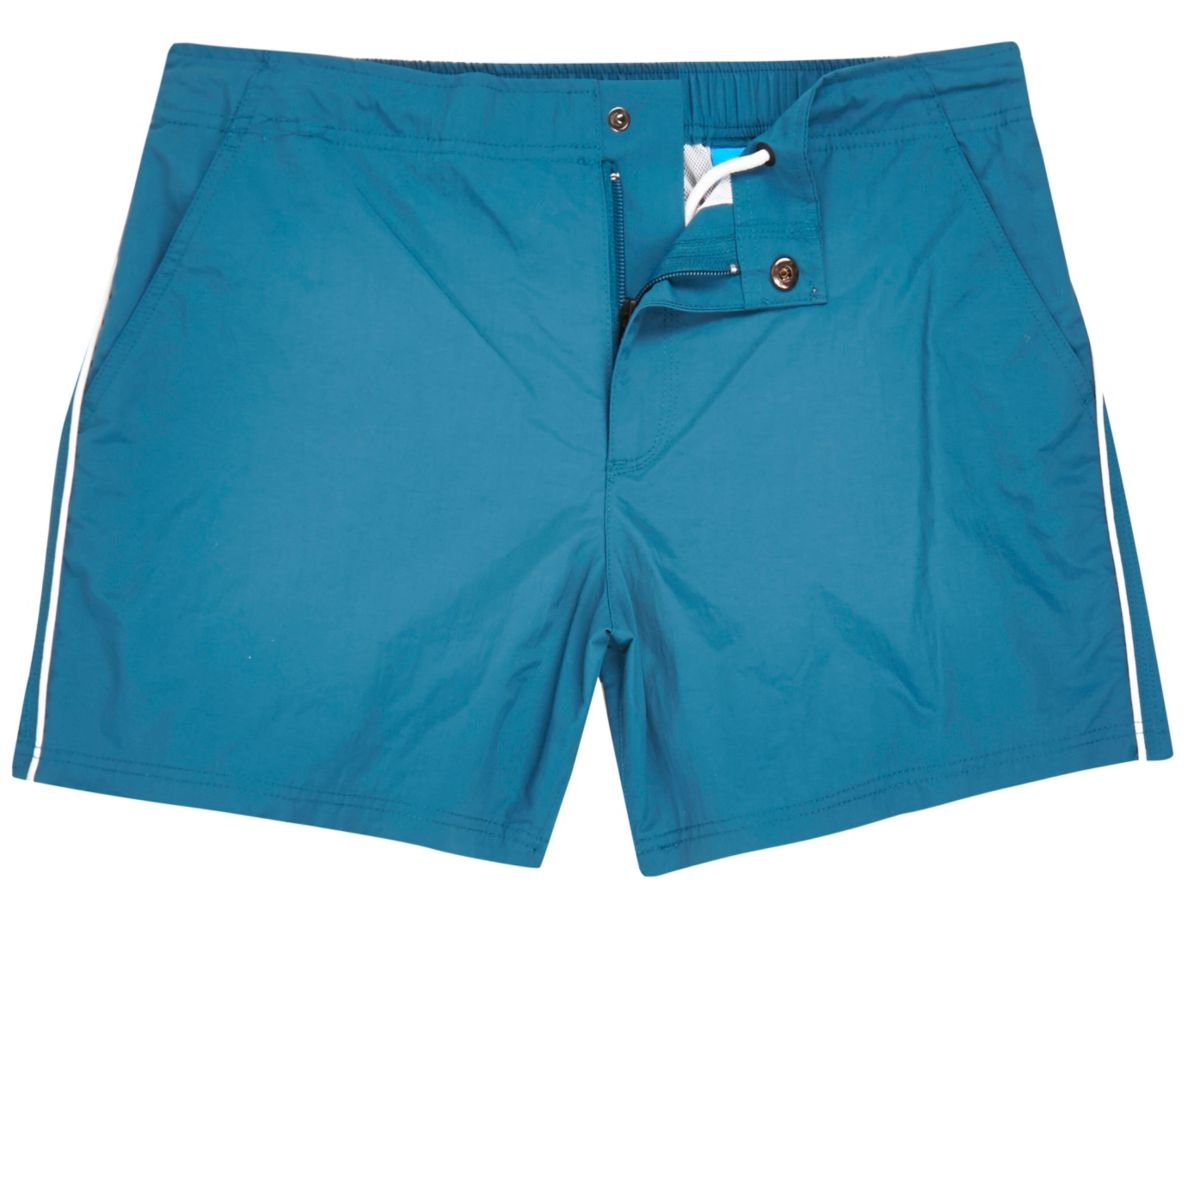 Blue side stripe swim trunks